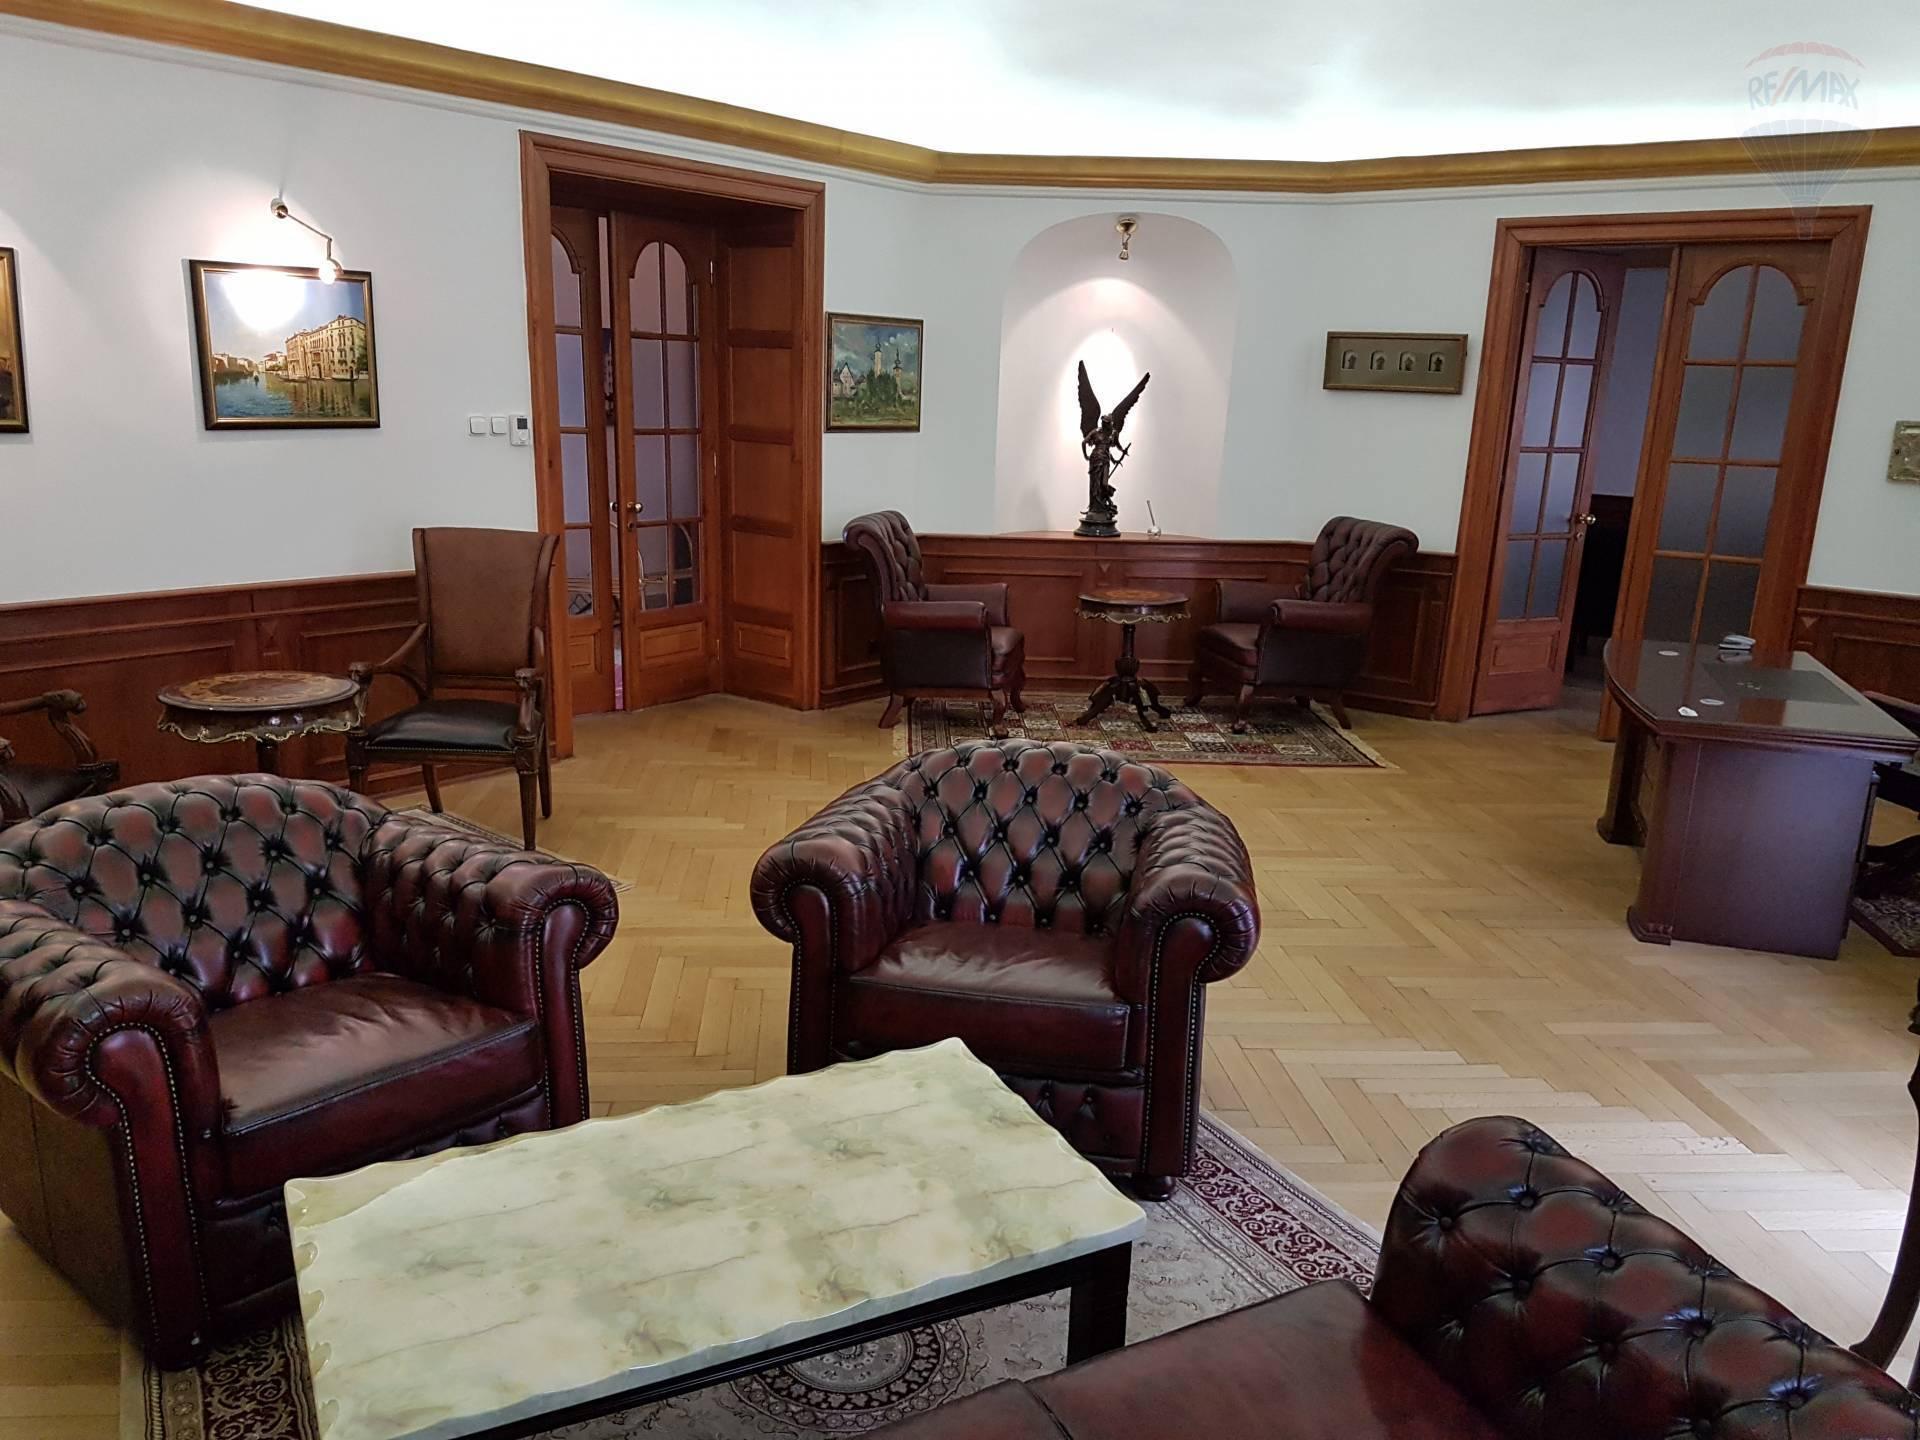 PRENÁJOM - komerčné priestory - centrum Banská Bystrica